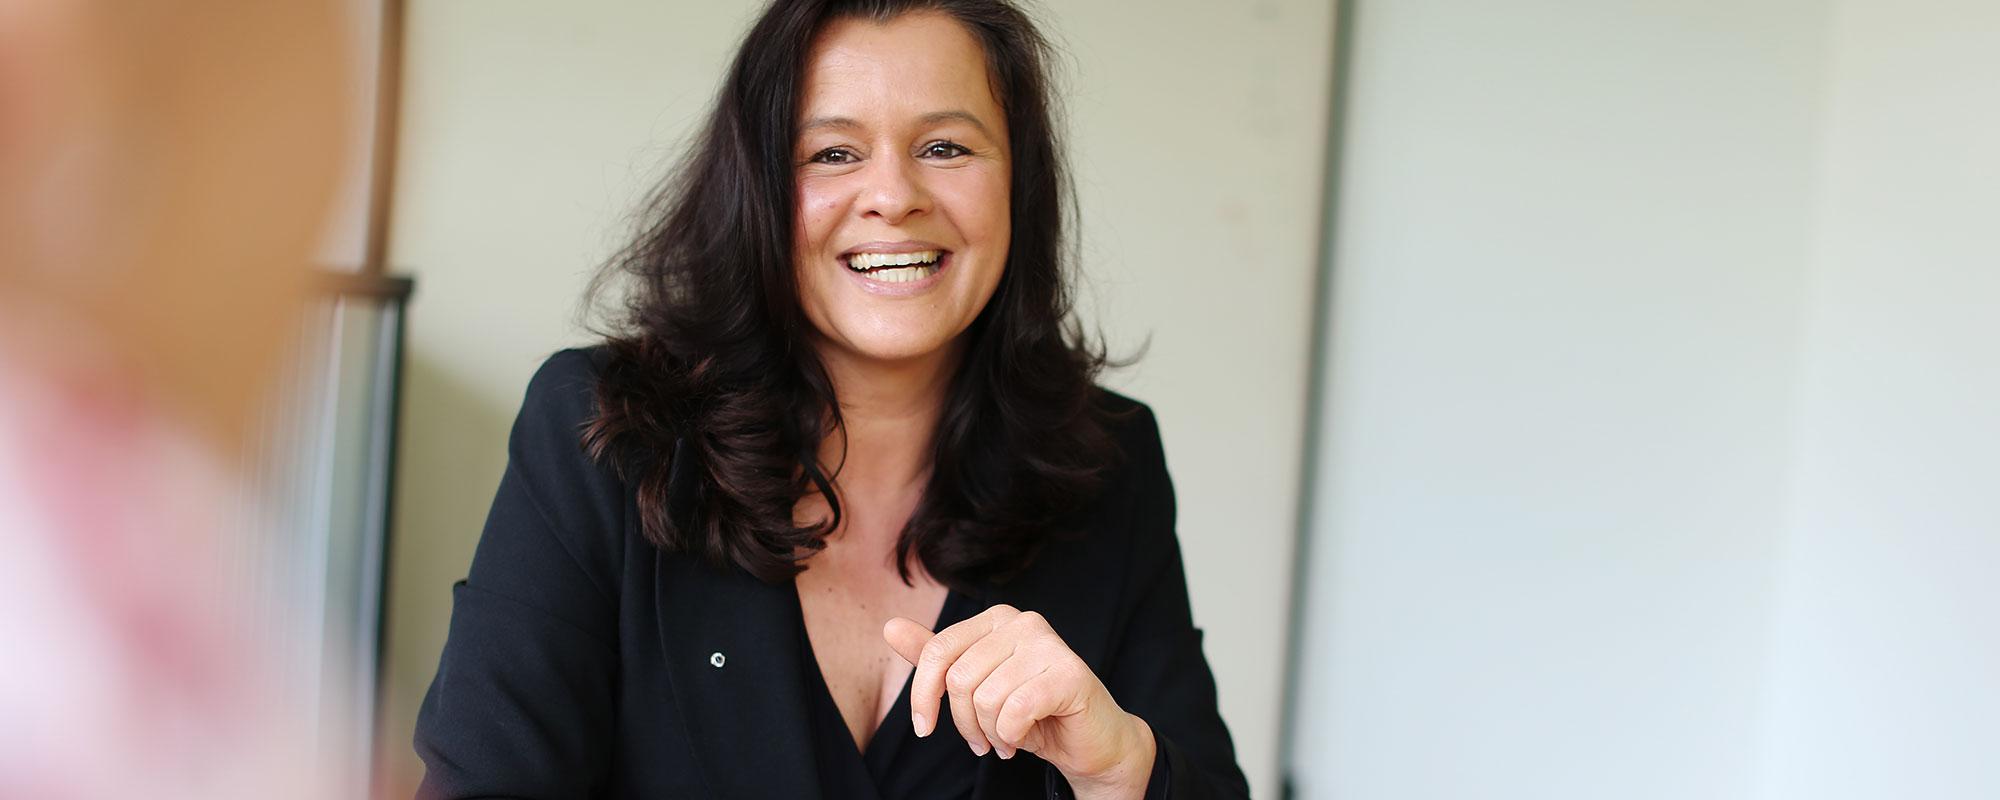 Janina Krüger Geschäftsführung Ehrenamt Agentur Essen